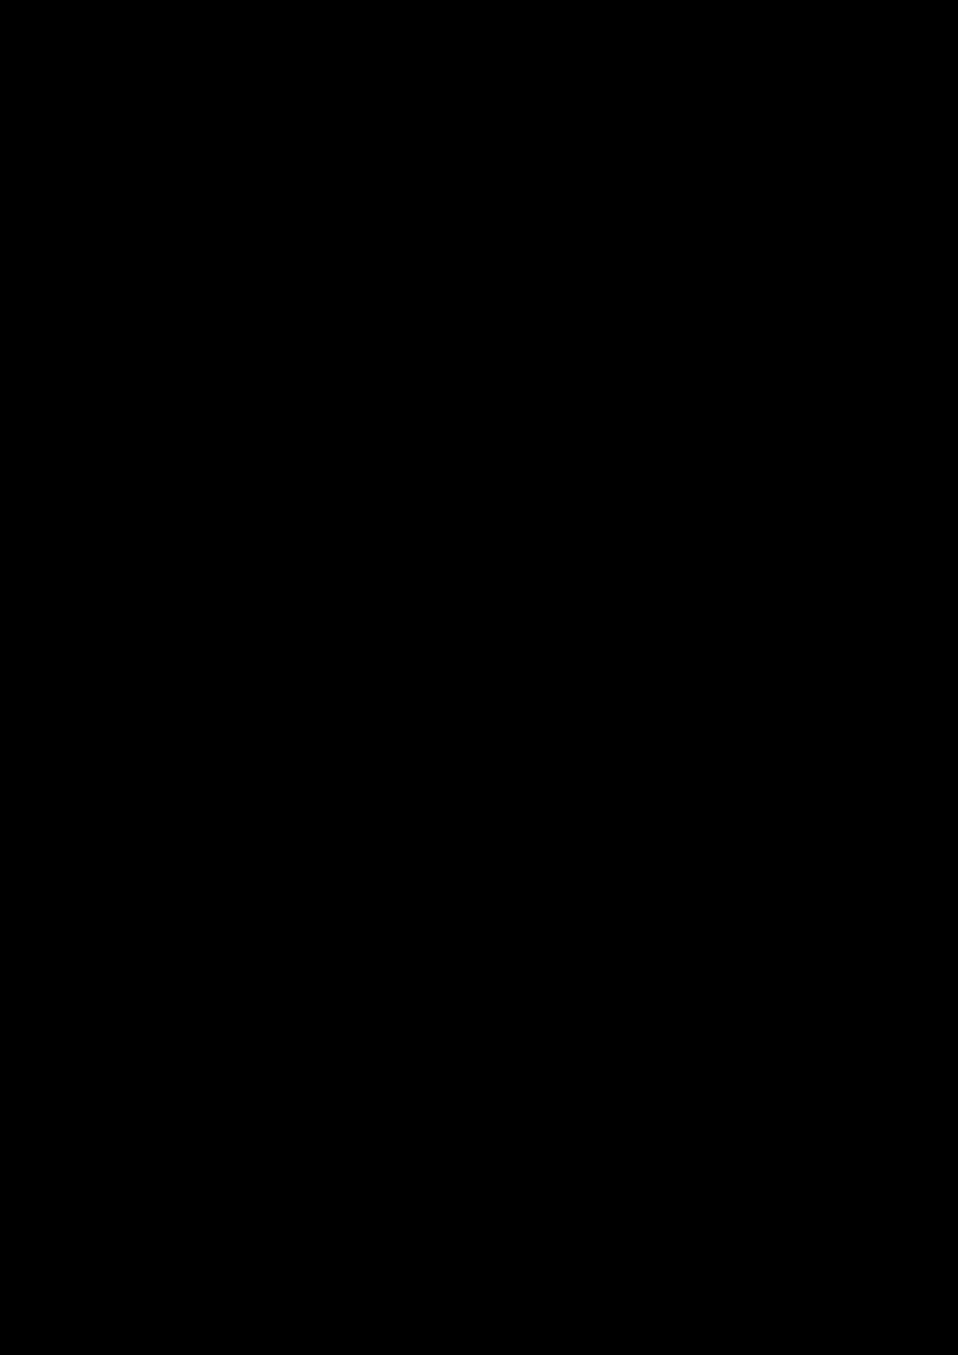 Salt Lake Temple Silhouette